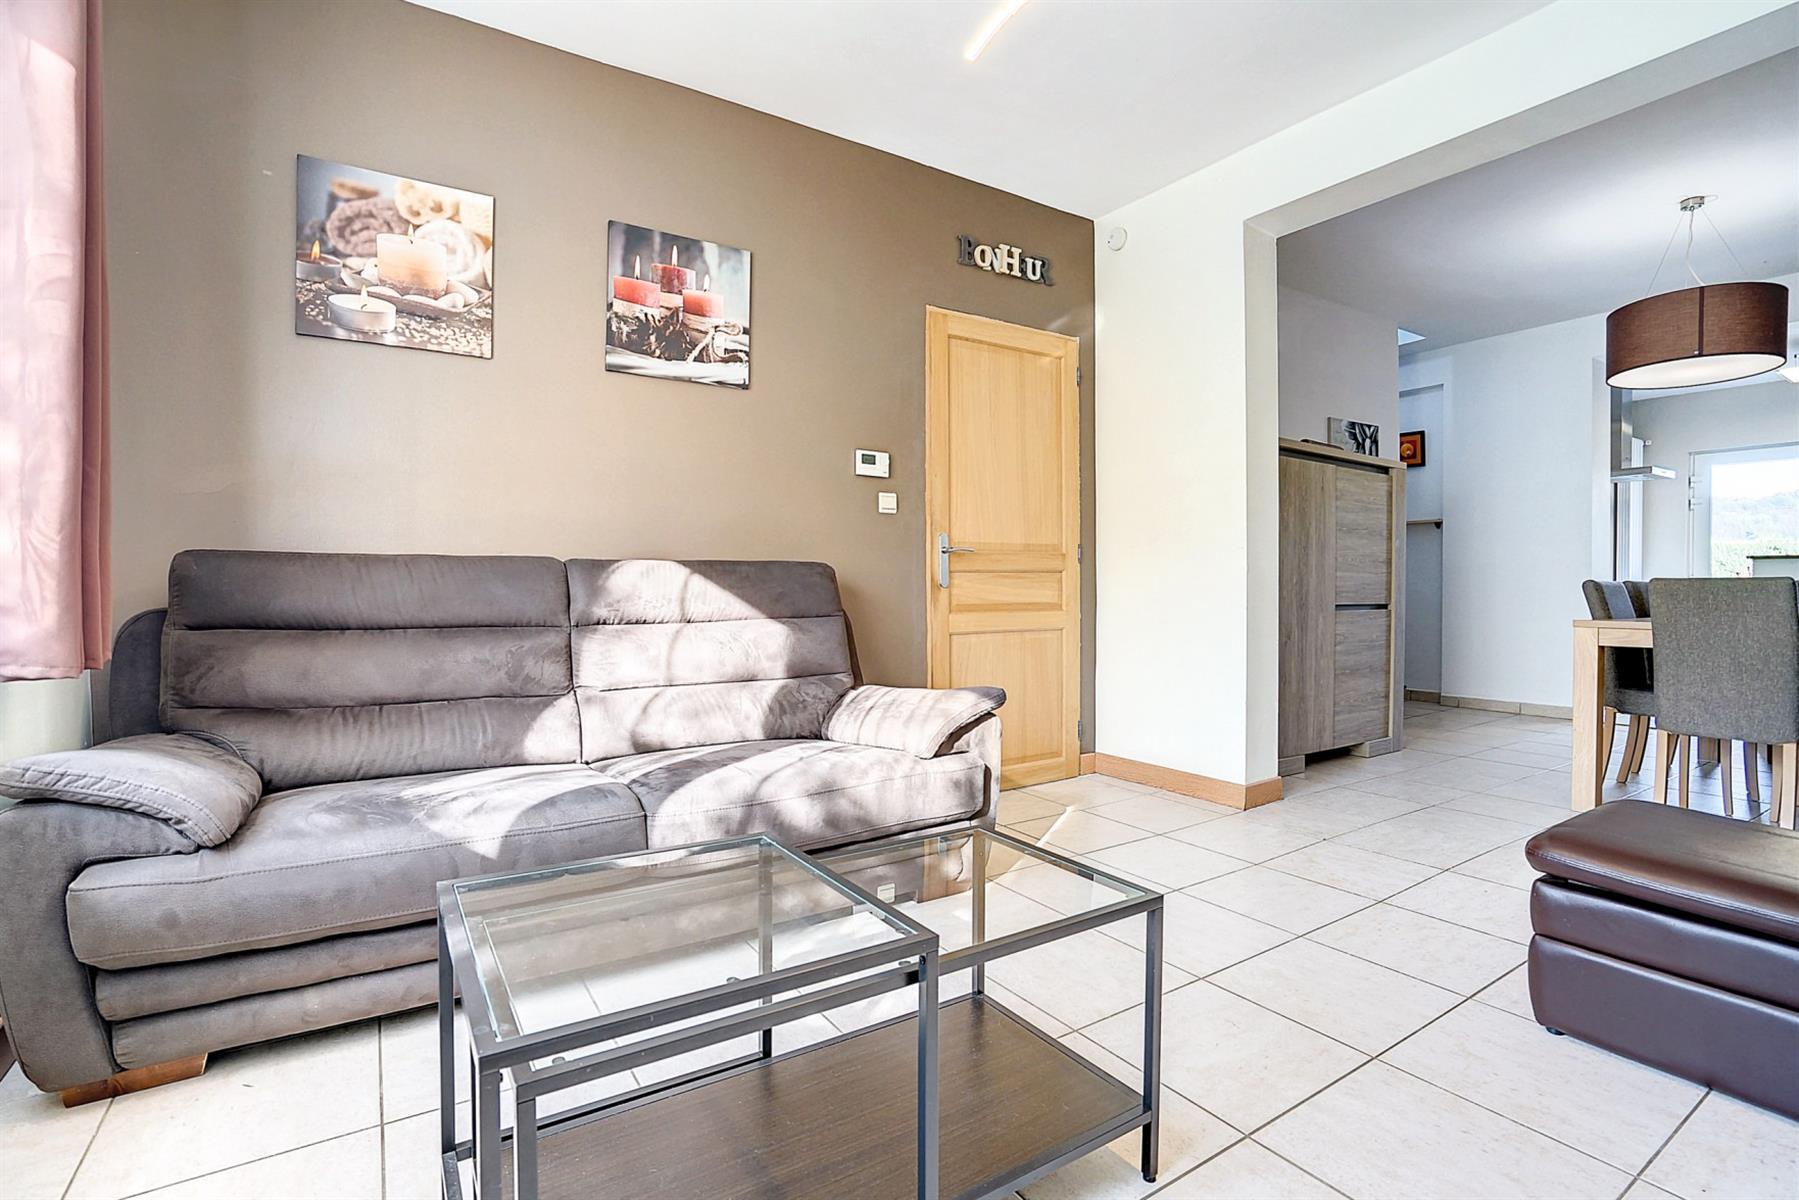 Maison - Court-saint-Étienne - #4453400-4